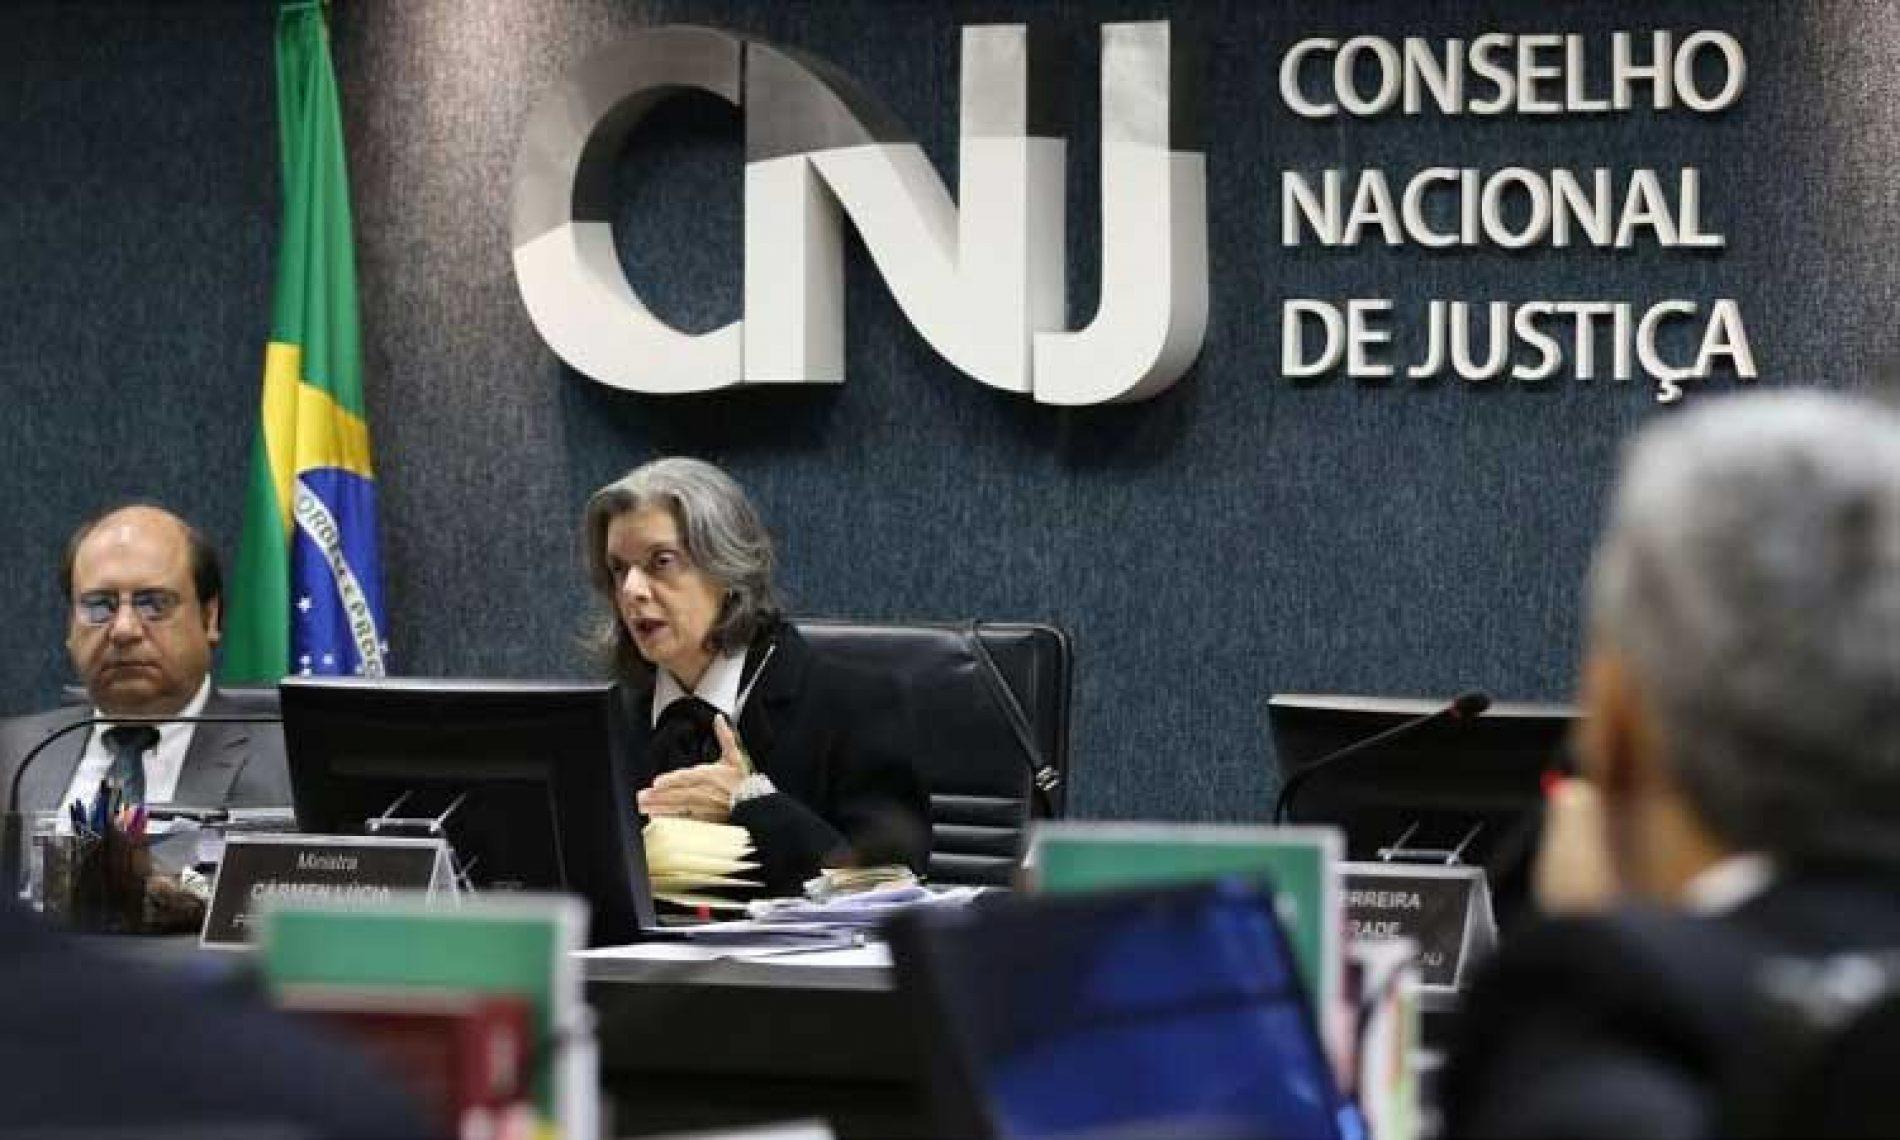 Apesar do teto de gastos, Judiciário mantém salários de R$ 100 mil